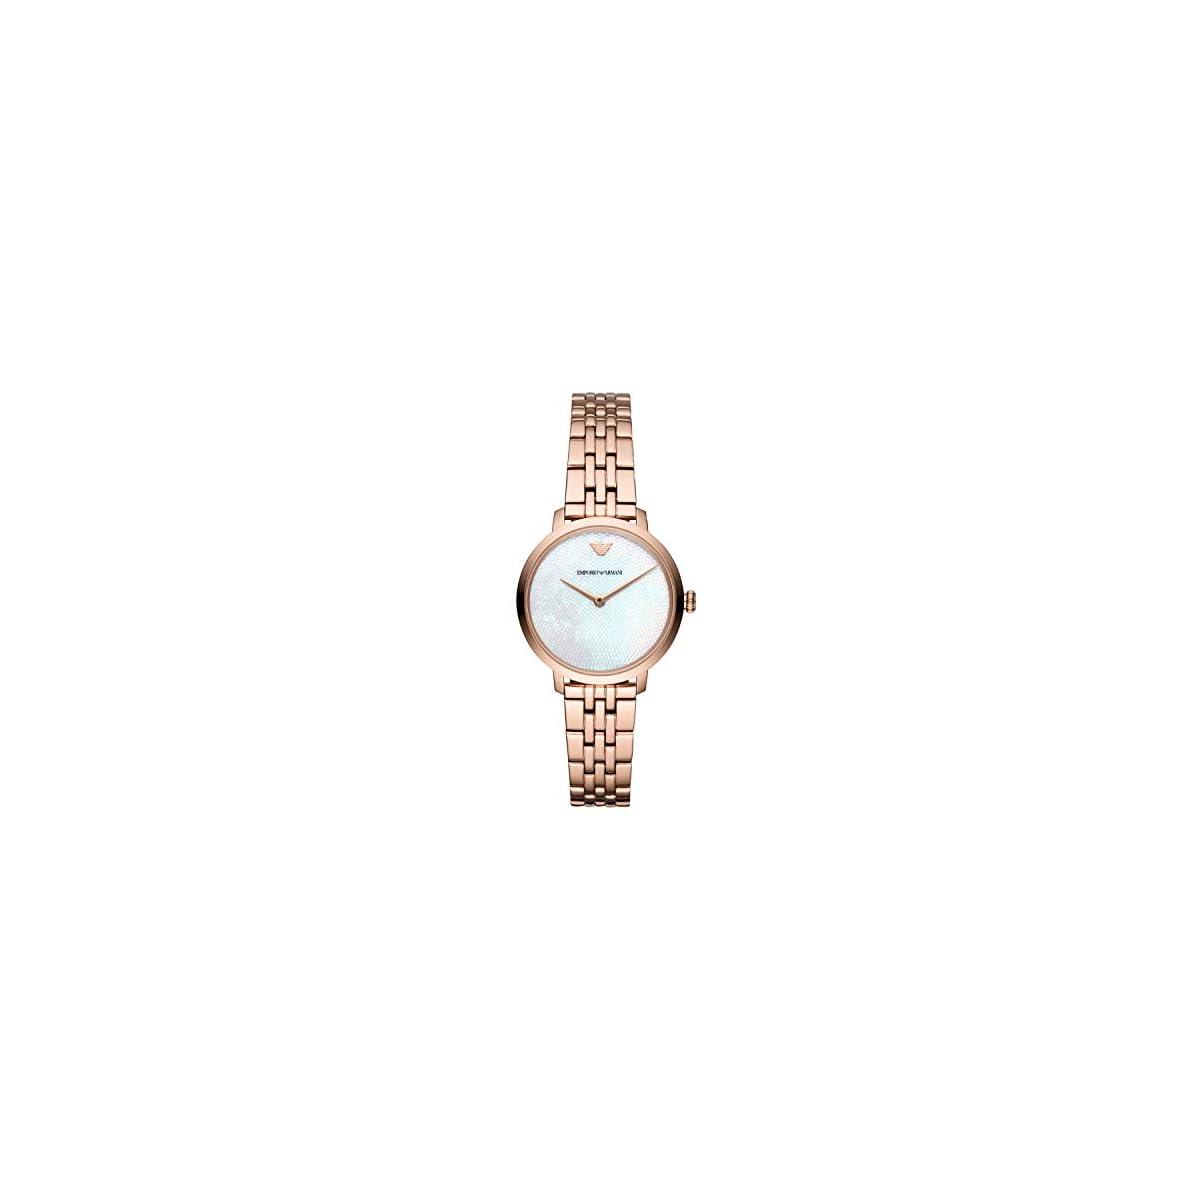 41vx8MLH%2BaL. SS1200  - Emporio Armani Reloj Analógico para Mujer de Cuarzo con Correa en Acero Inoxidable AR11158